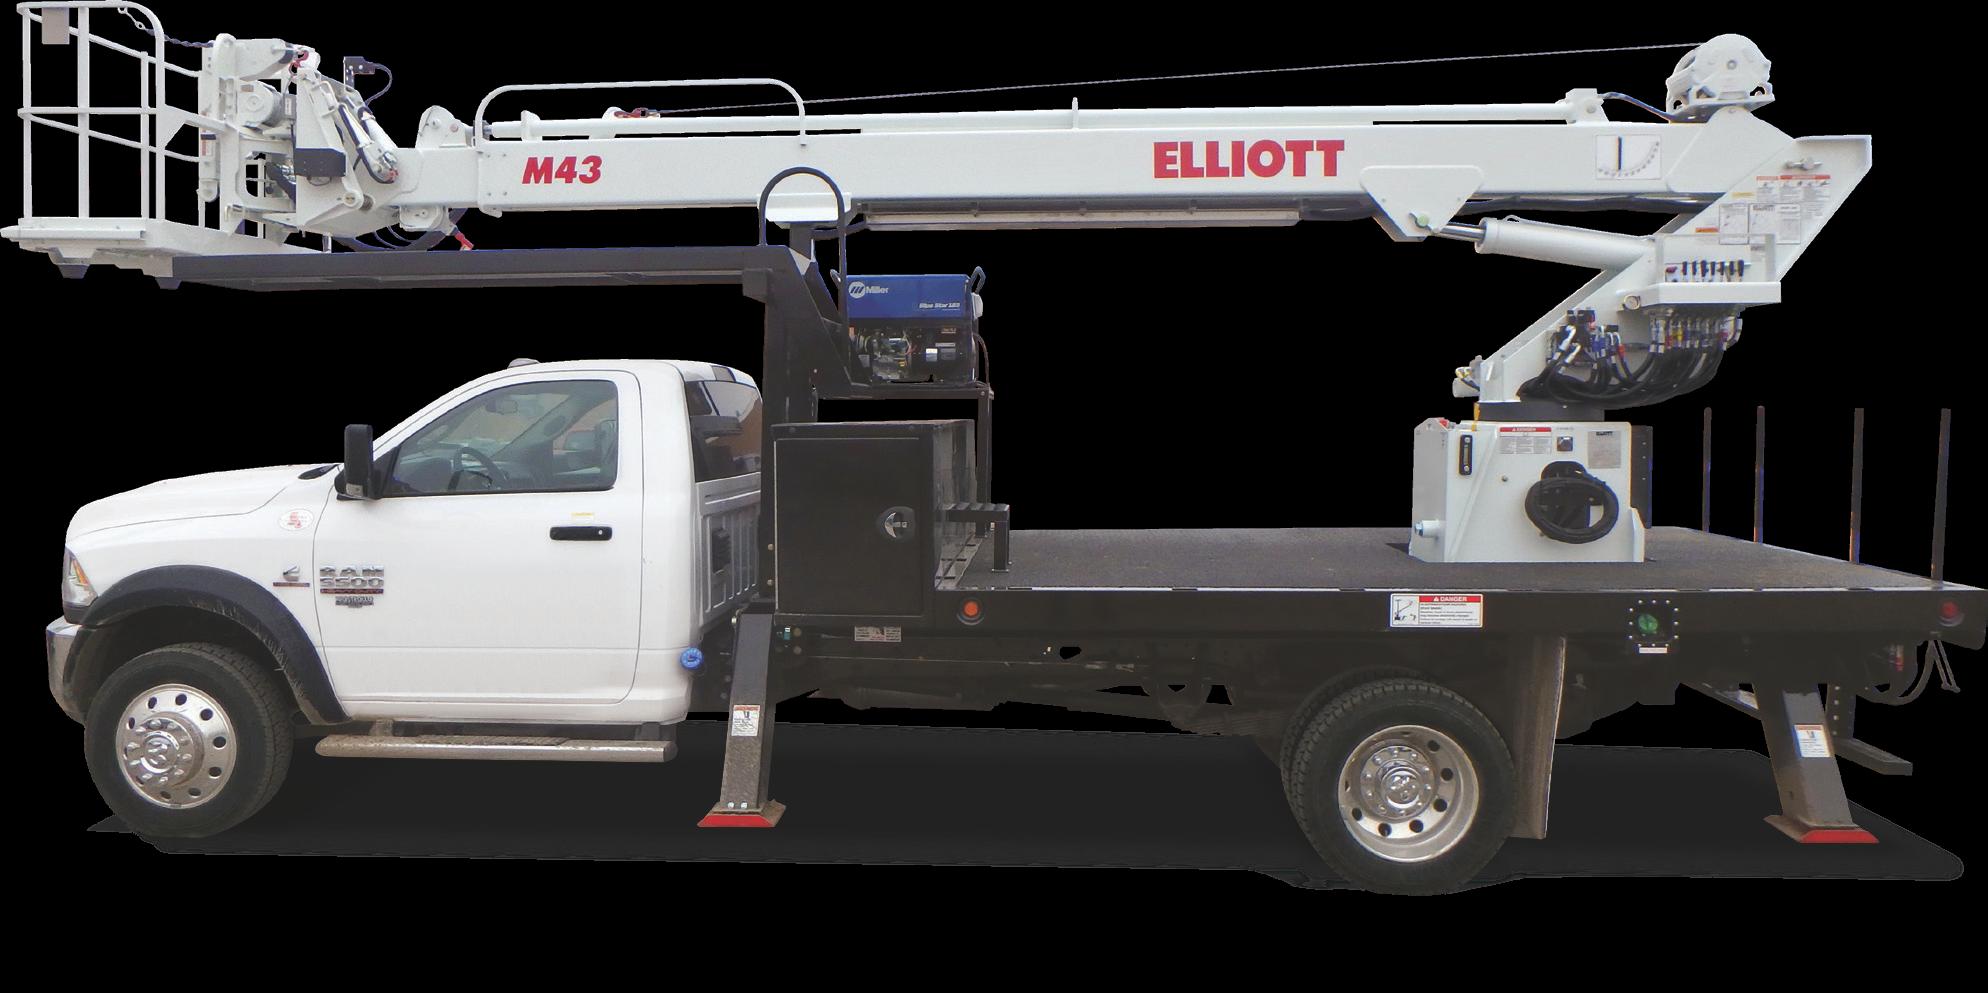 Elliot HiReach Aerial Truck